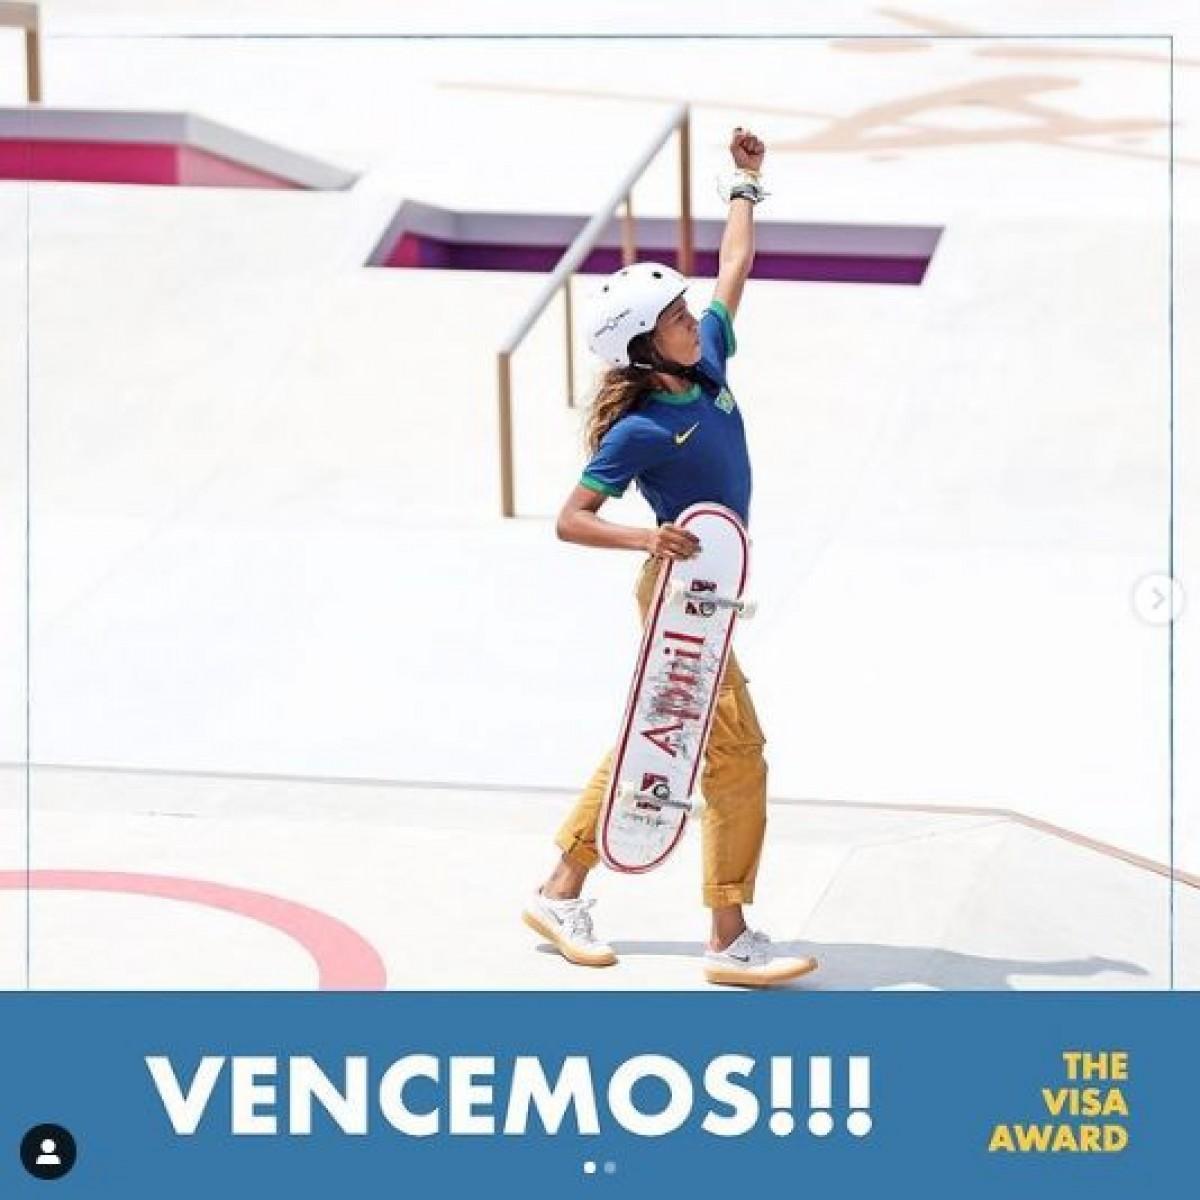 Rayssa Leal vence prêmio de espírito olímpico dos Jogos de Tóquio (Imagem: Reprodução/ Instagram/ rayssalealsk8)